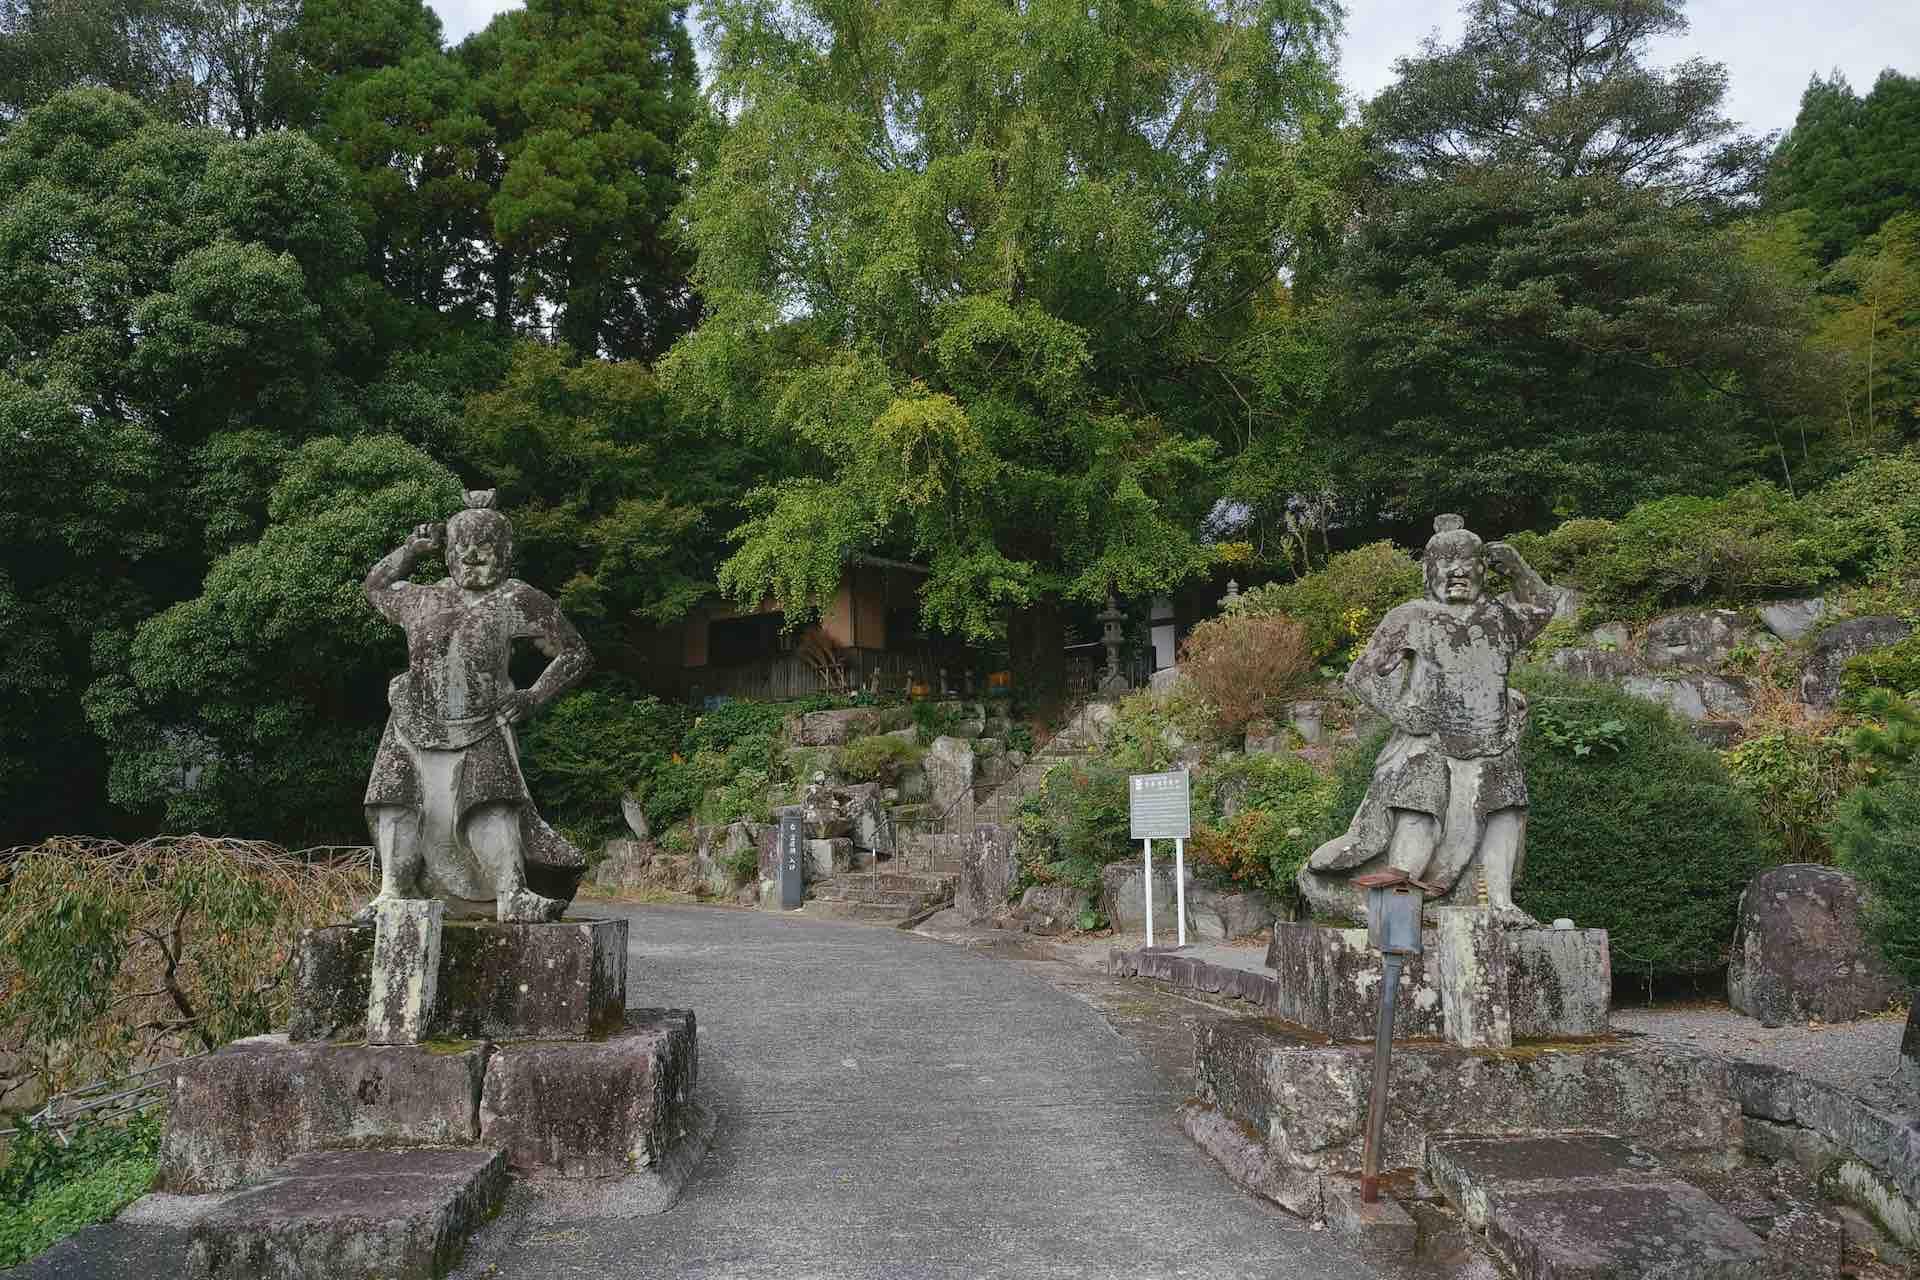 Una Visita al Tempio Unganzenji di Kumamoto e alla Grotta di Miyamoto Musashi